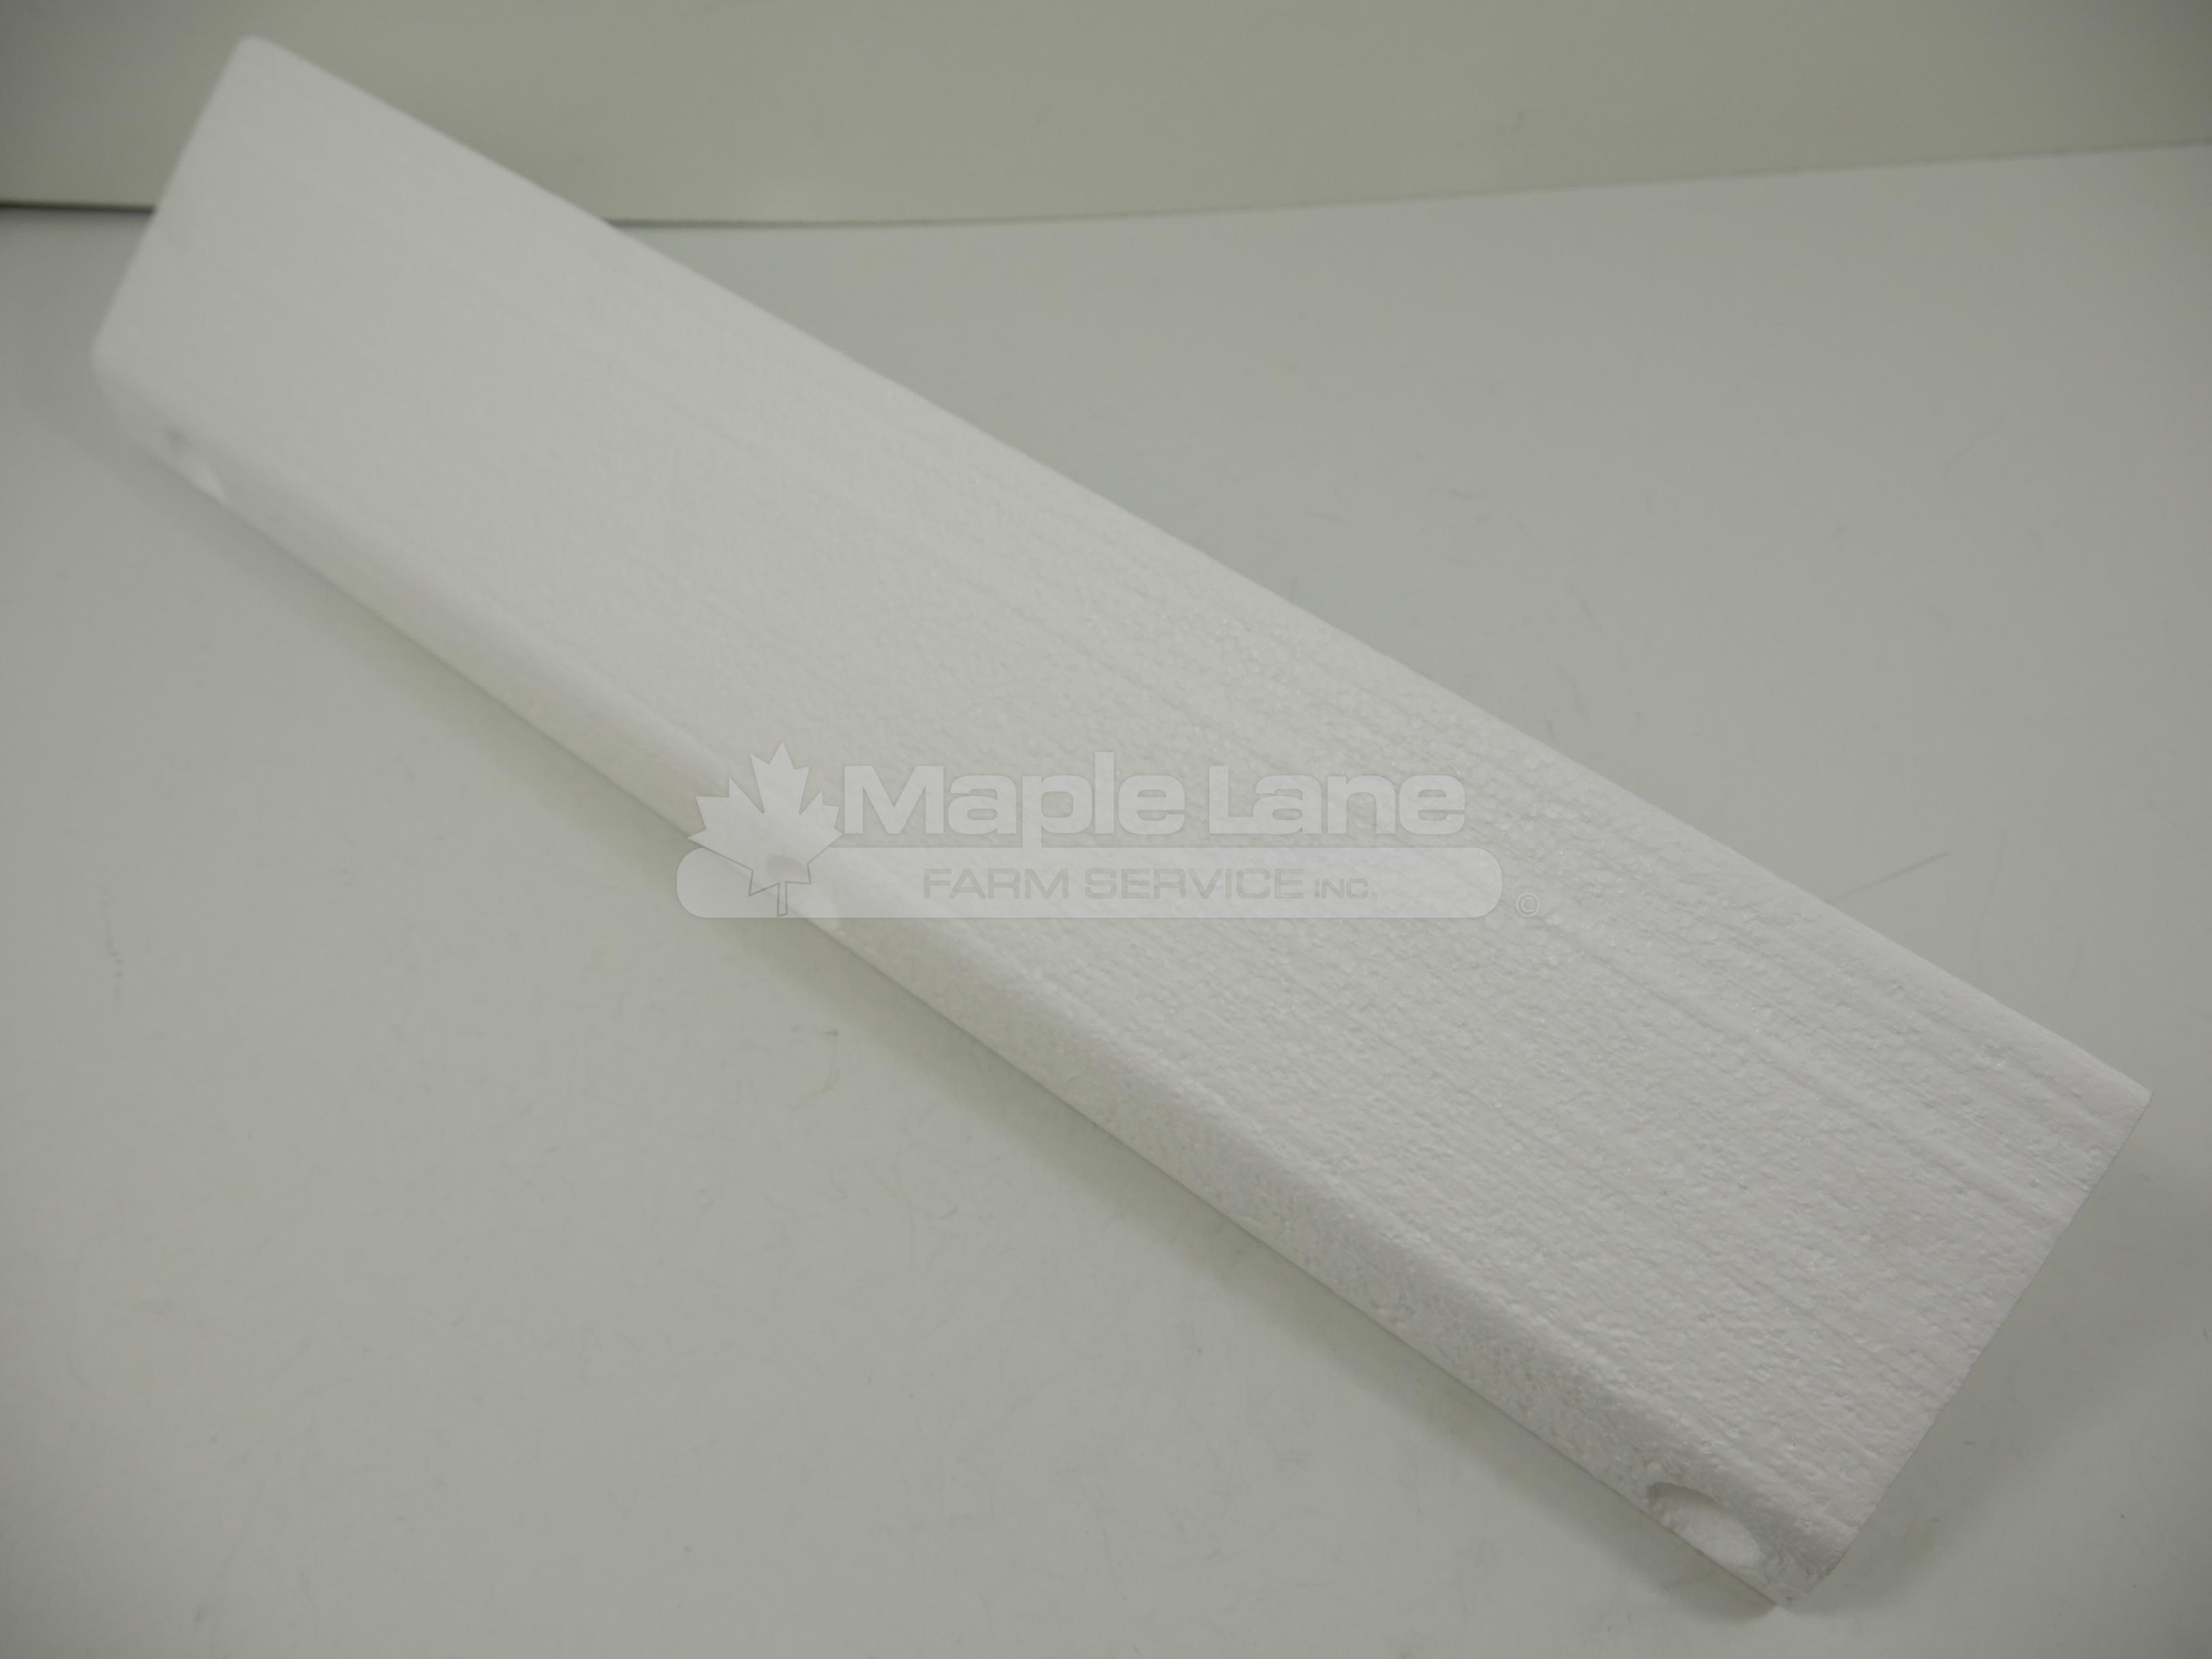 ACW1859940 Foam Piece